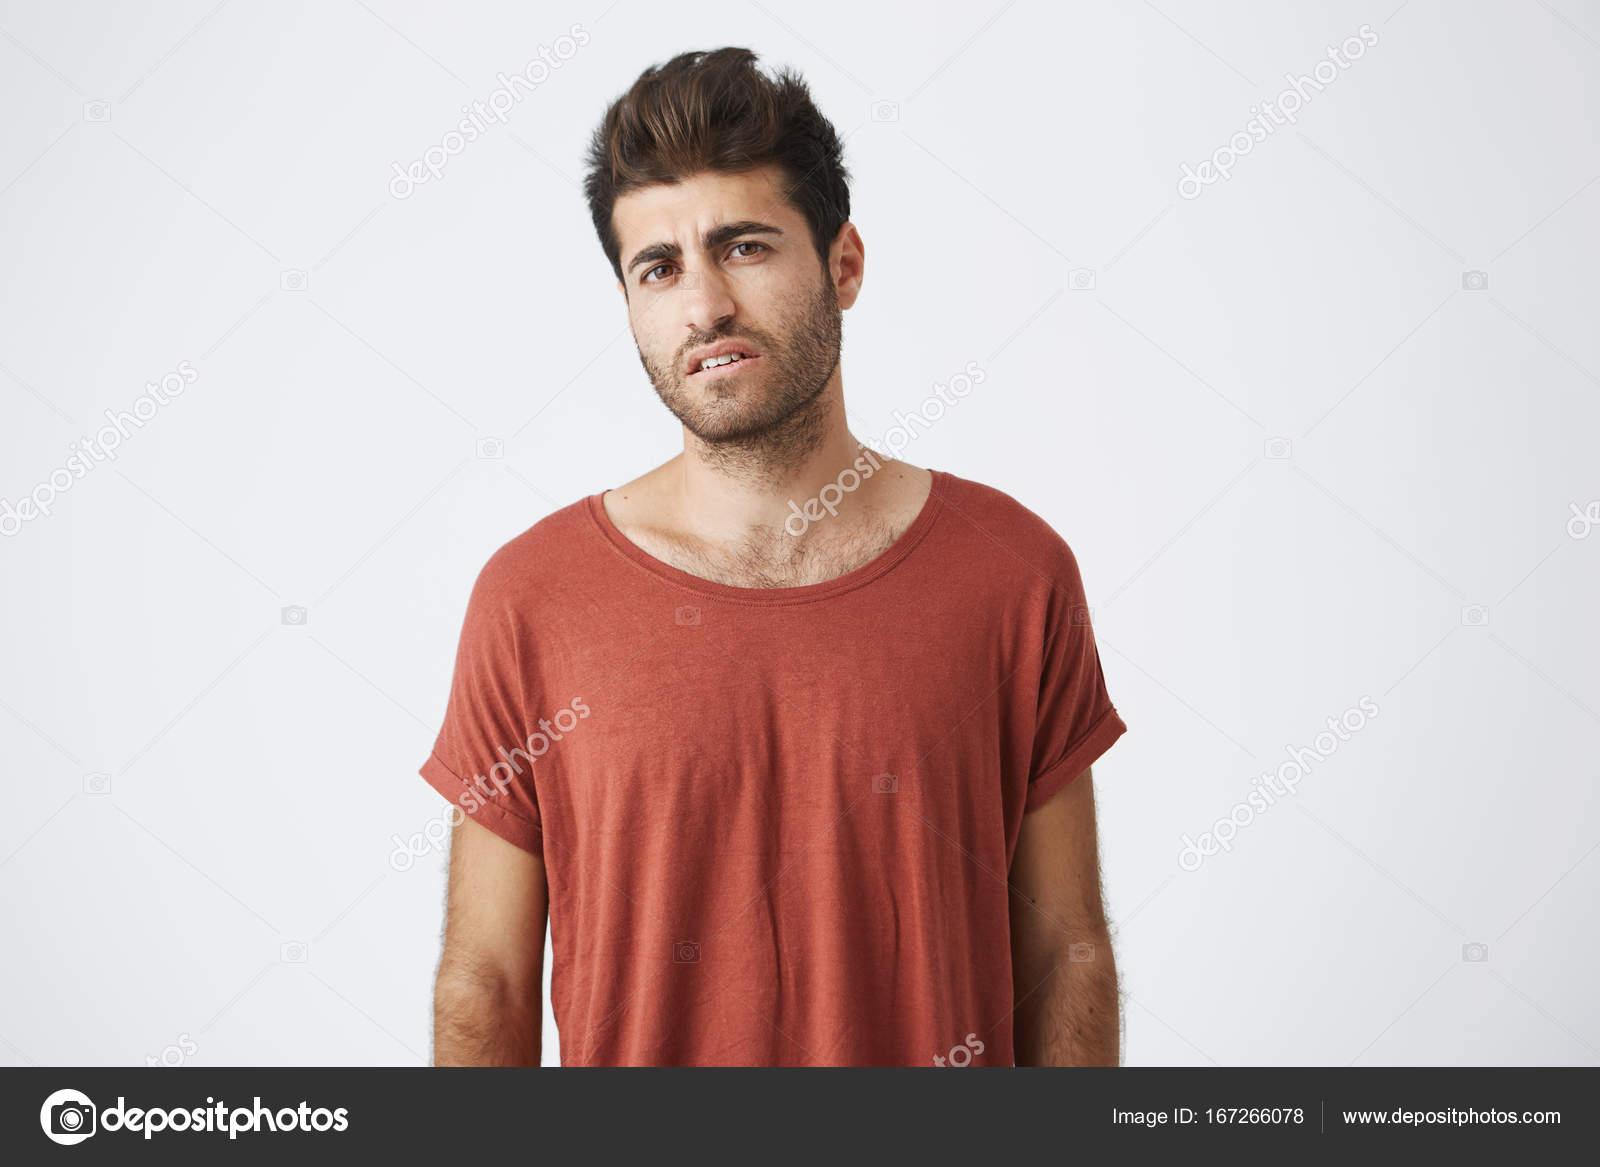 Junge Sonne gebräunt Studentin im roten t-Shirt verärgert mit neuen ...